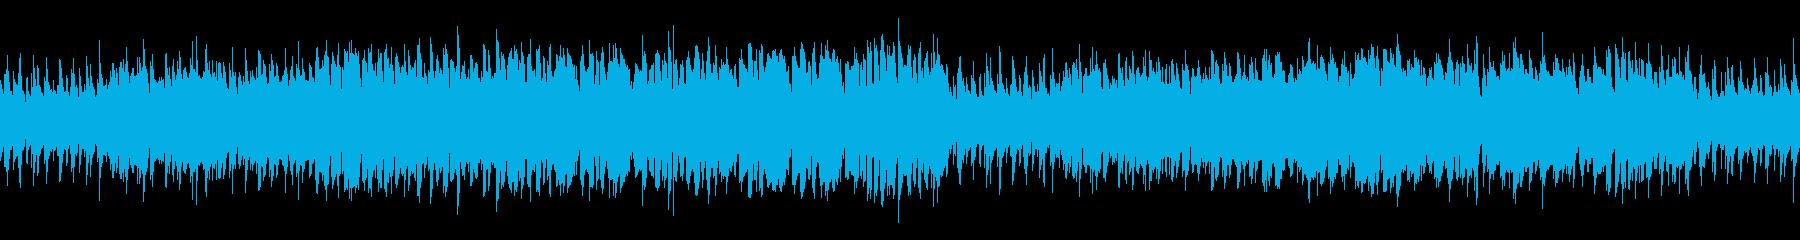 ループ まったり穏やかなアコースティックの再生済みの波形